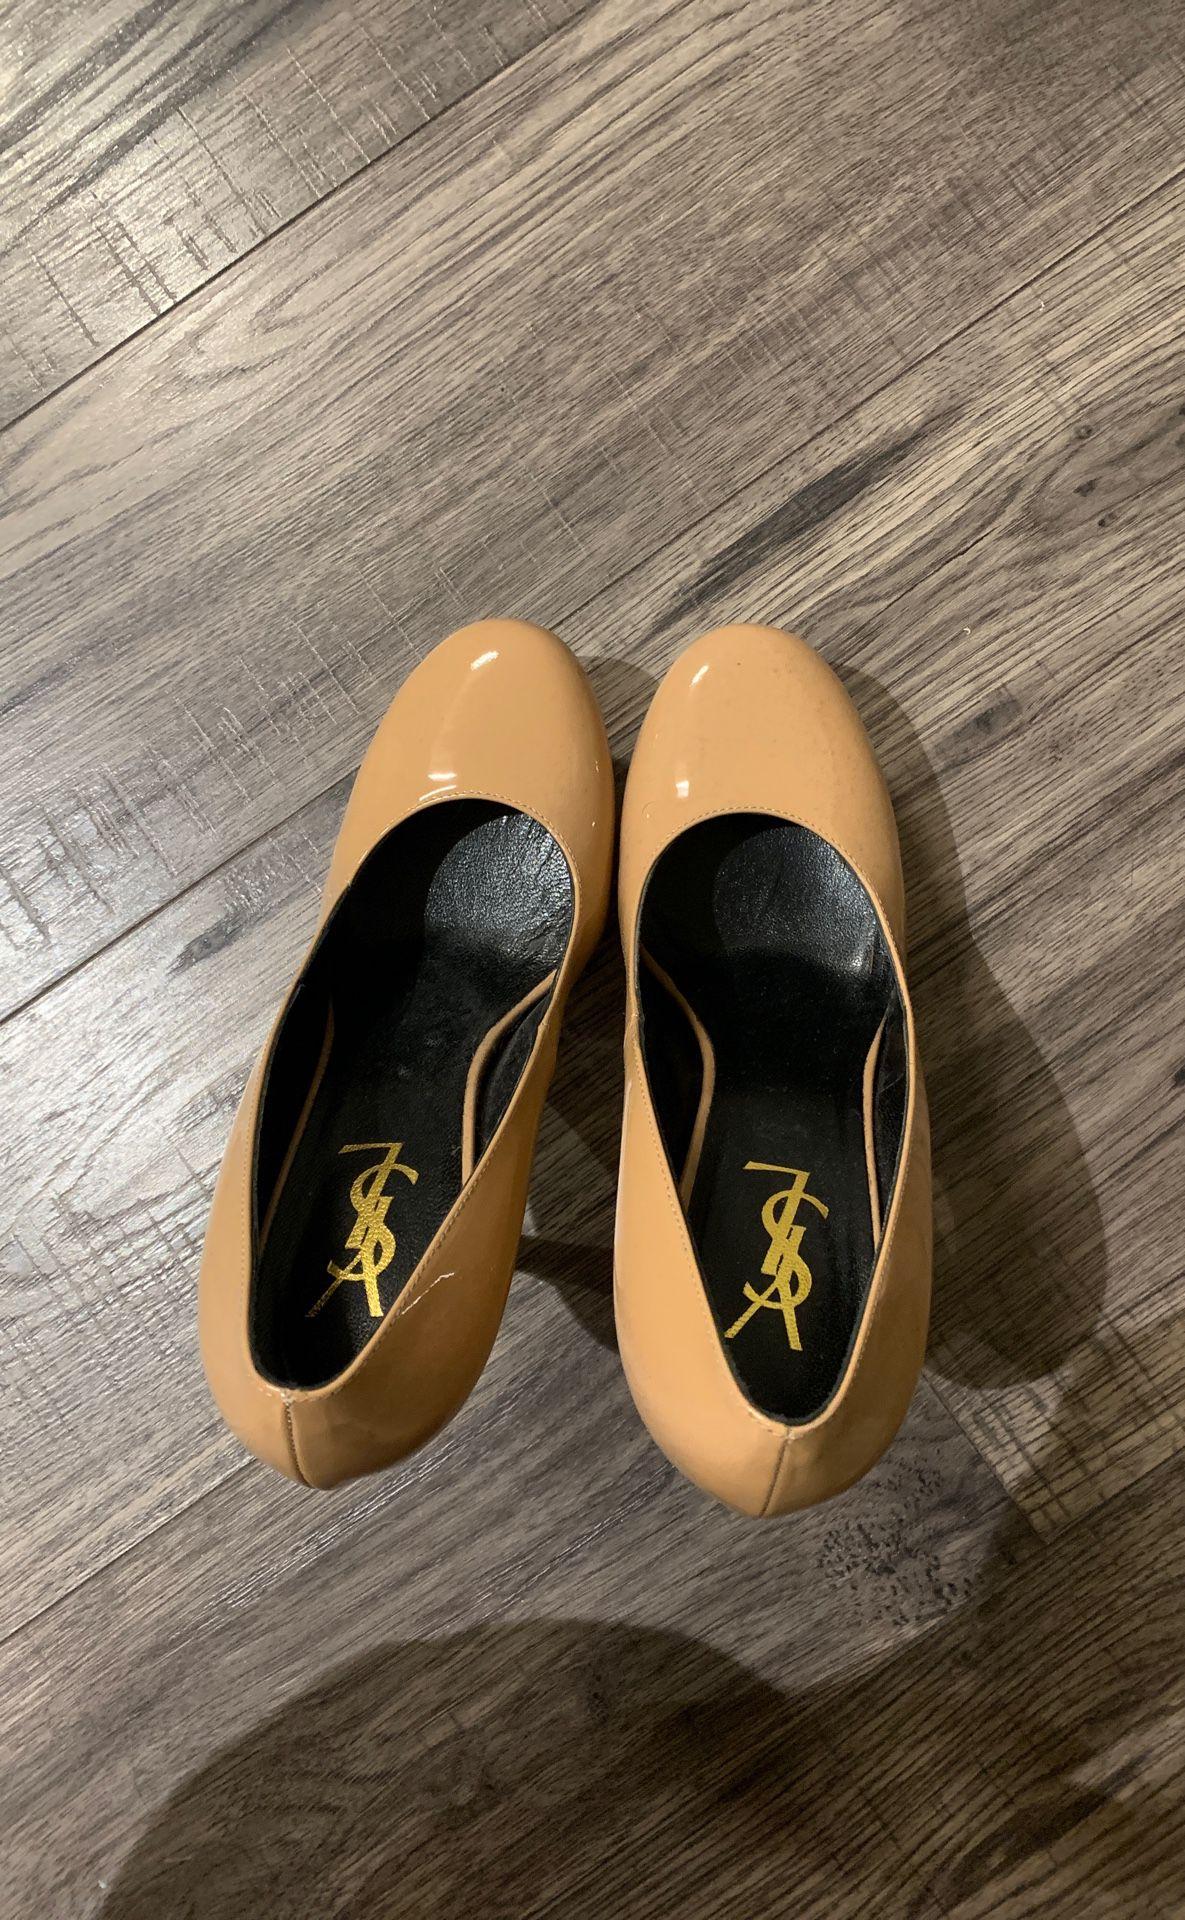 Women Shoes Size 8 for Sale in Wichita, KS - OfferUp